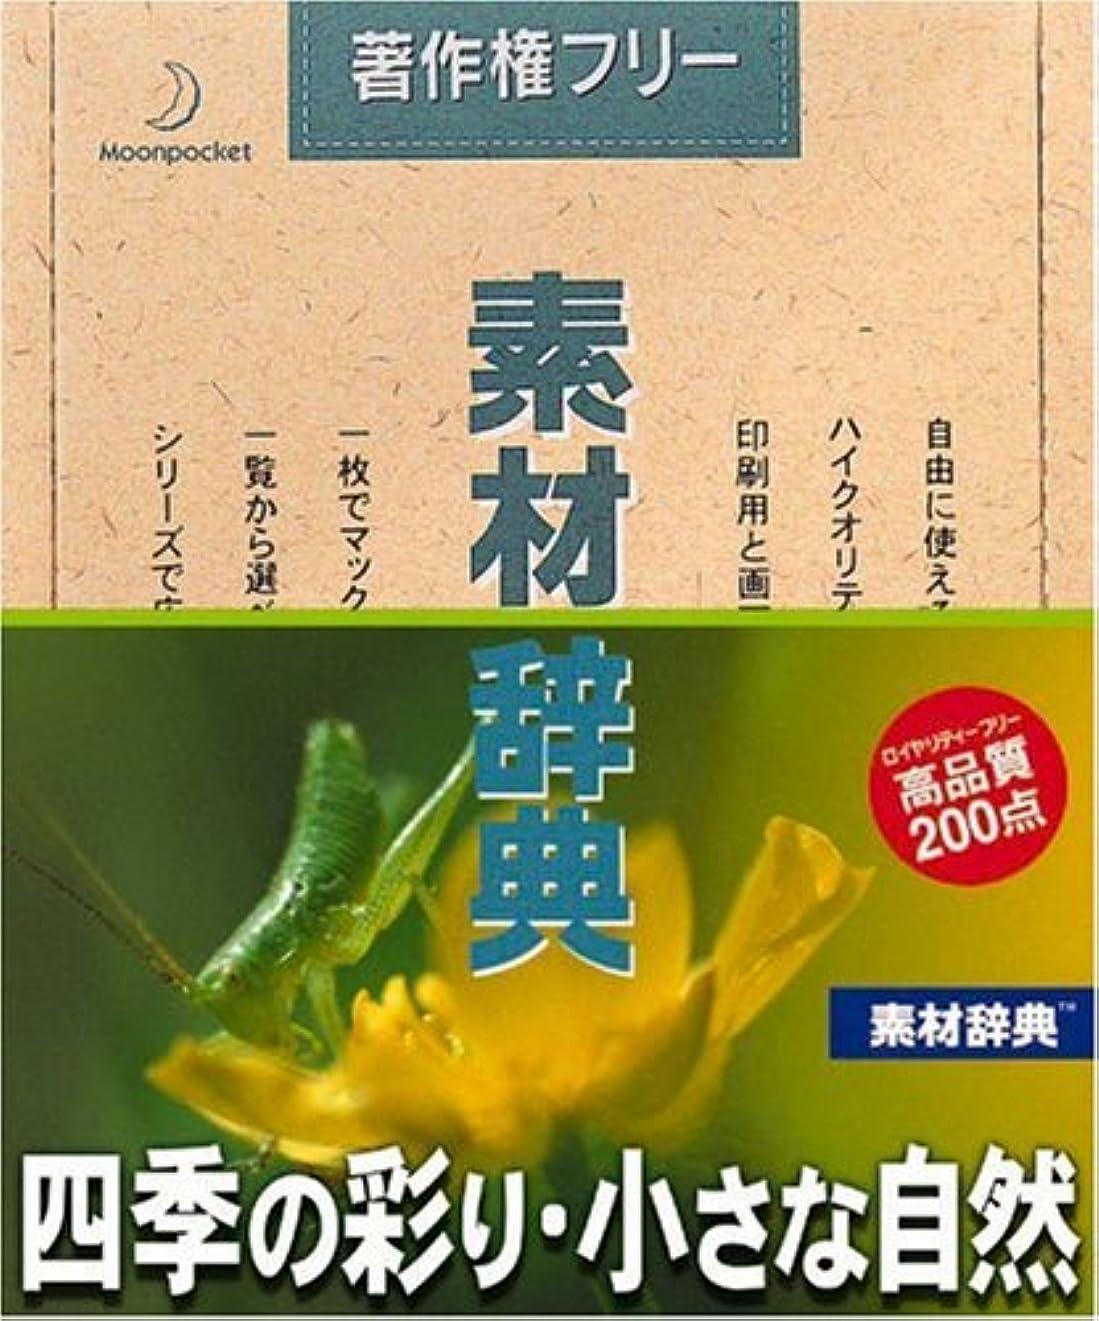 ドメイン腐食する領事館素材辞典 Vol.82 四季の彩り?小さな自然編